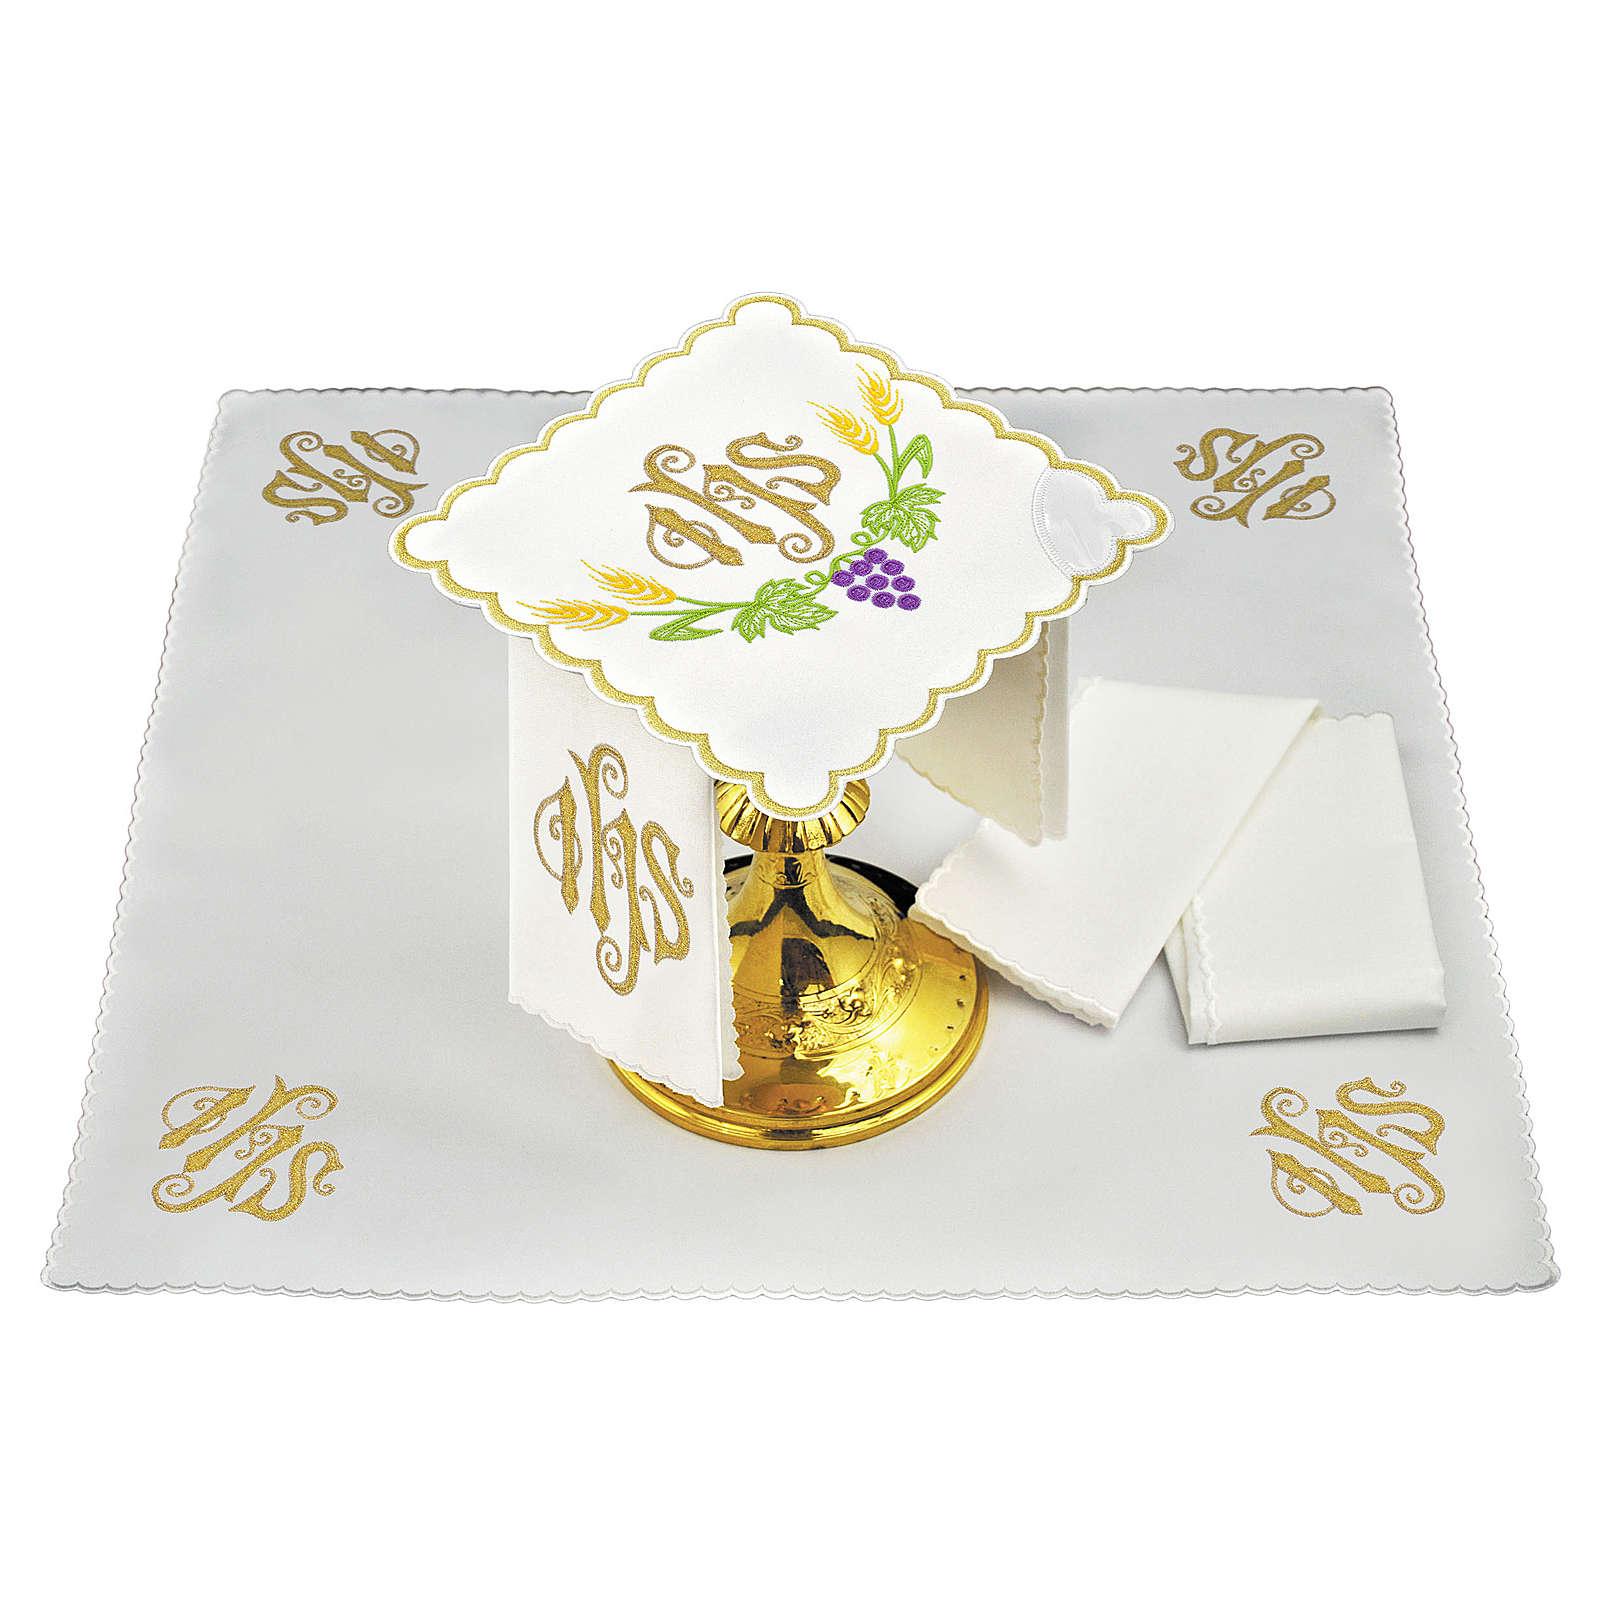 Servicio de altar algodón JHS espigas amarillas uva violeta 4